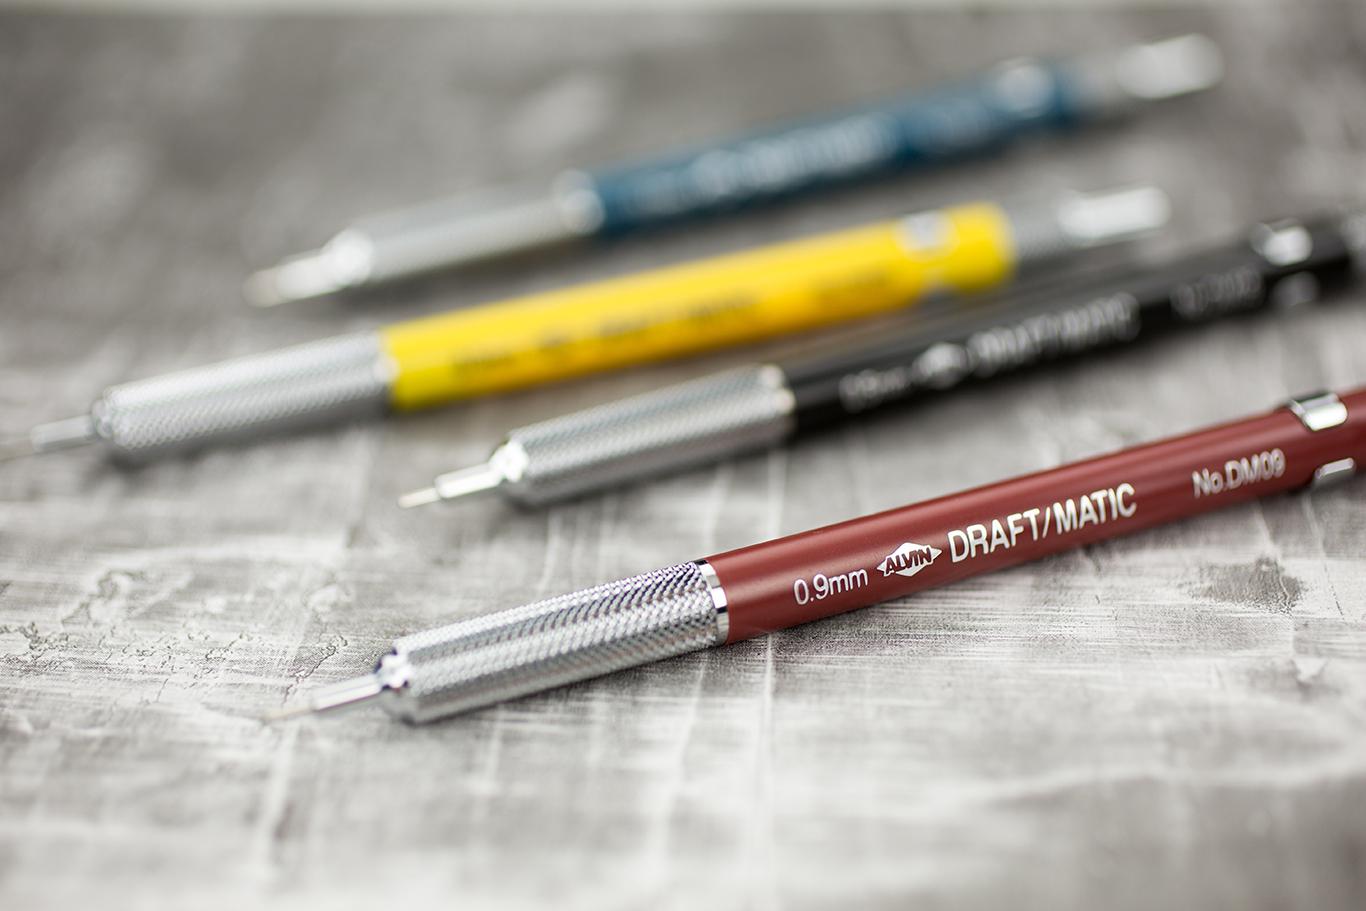 Alvin® Draft-Matic Mechanical Pencils Item No. DM03 DM05 DM07 & DM09